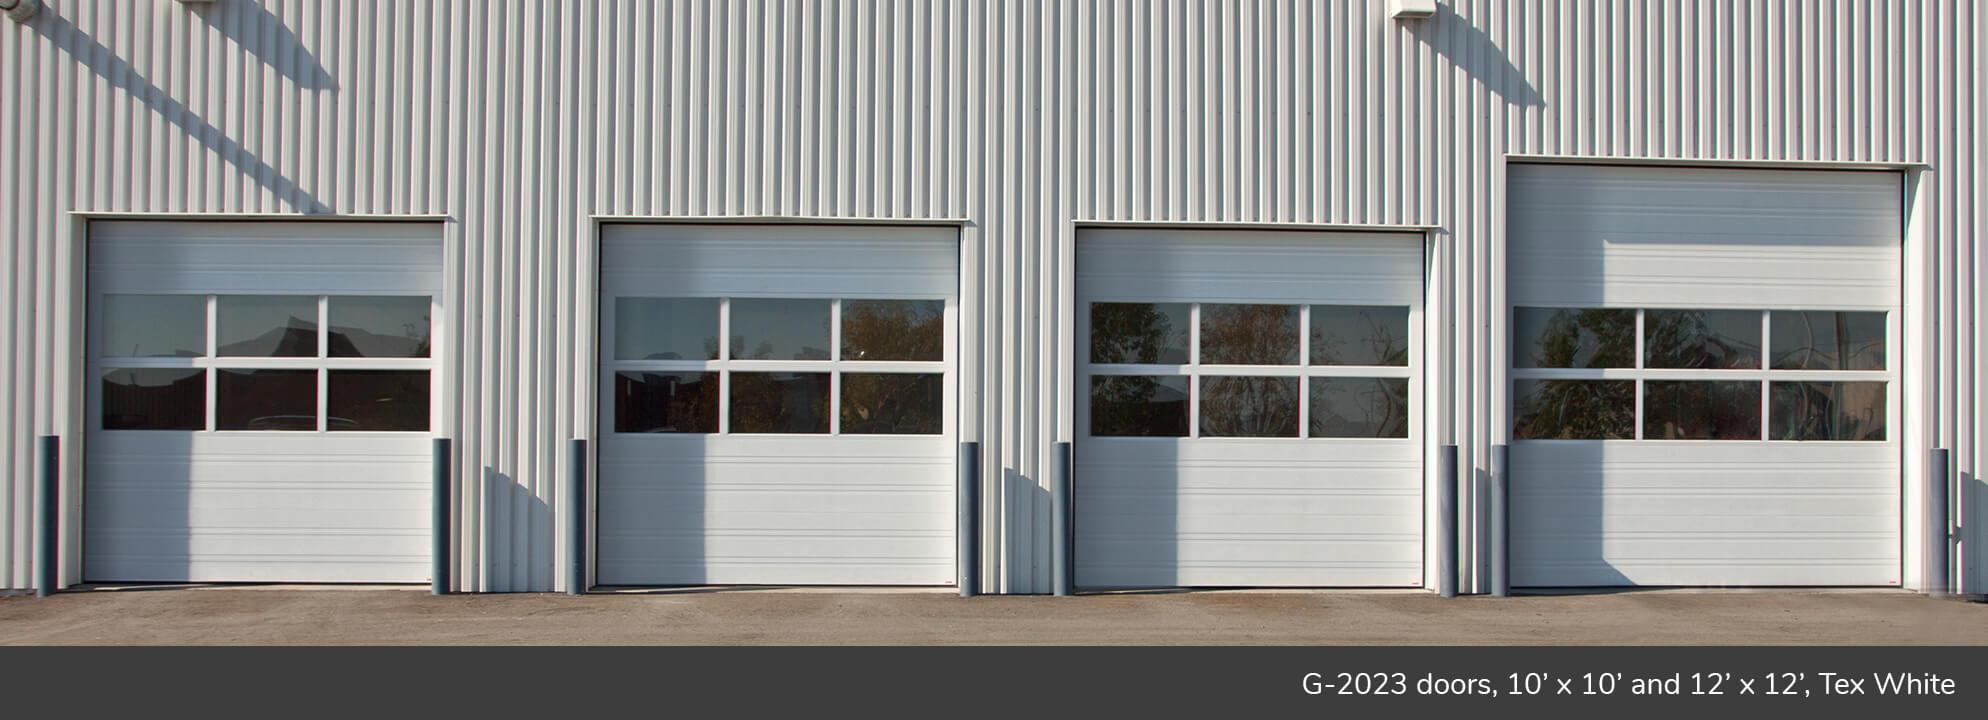 G-2020 doors, 10' x 10' and 12' x 12', Tex White